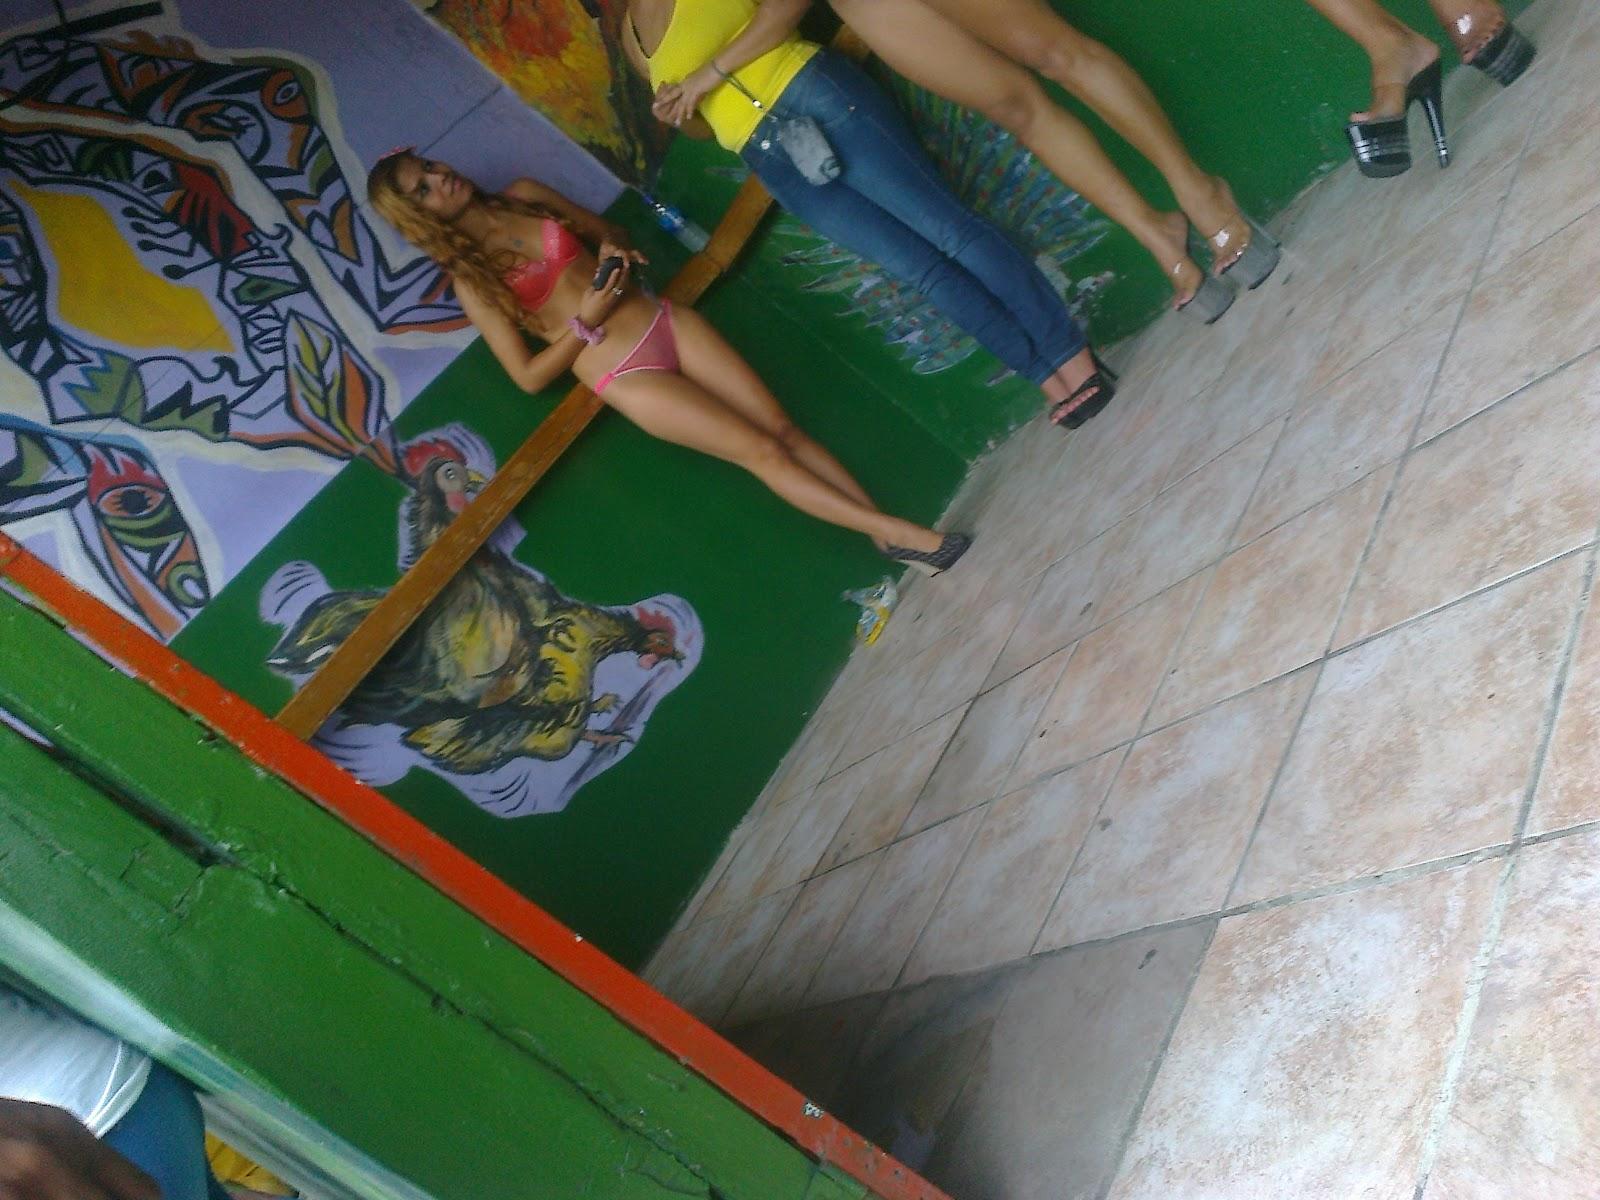 prostitutas en guayaquil madres prostitutas